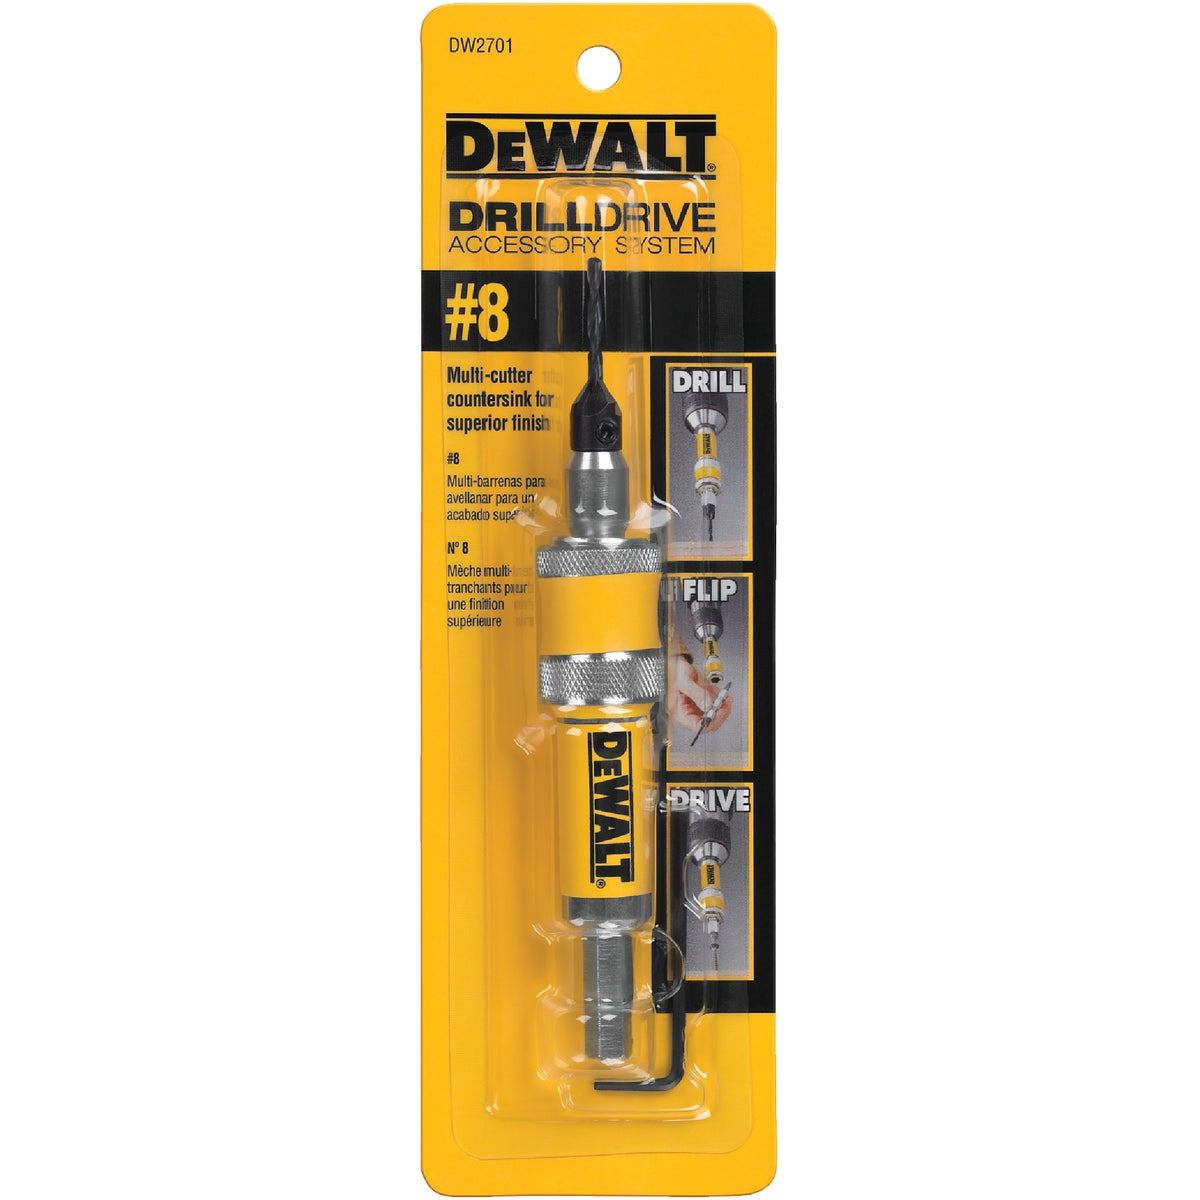 #8 DRILL/DRIVE BIT - DW2701 by DeWalt